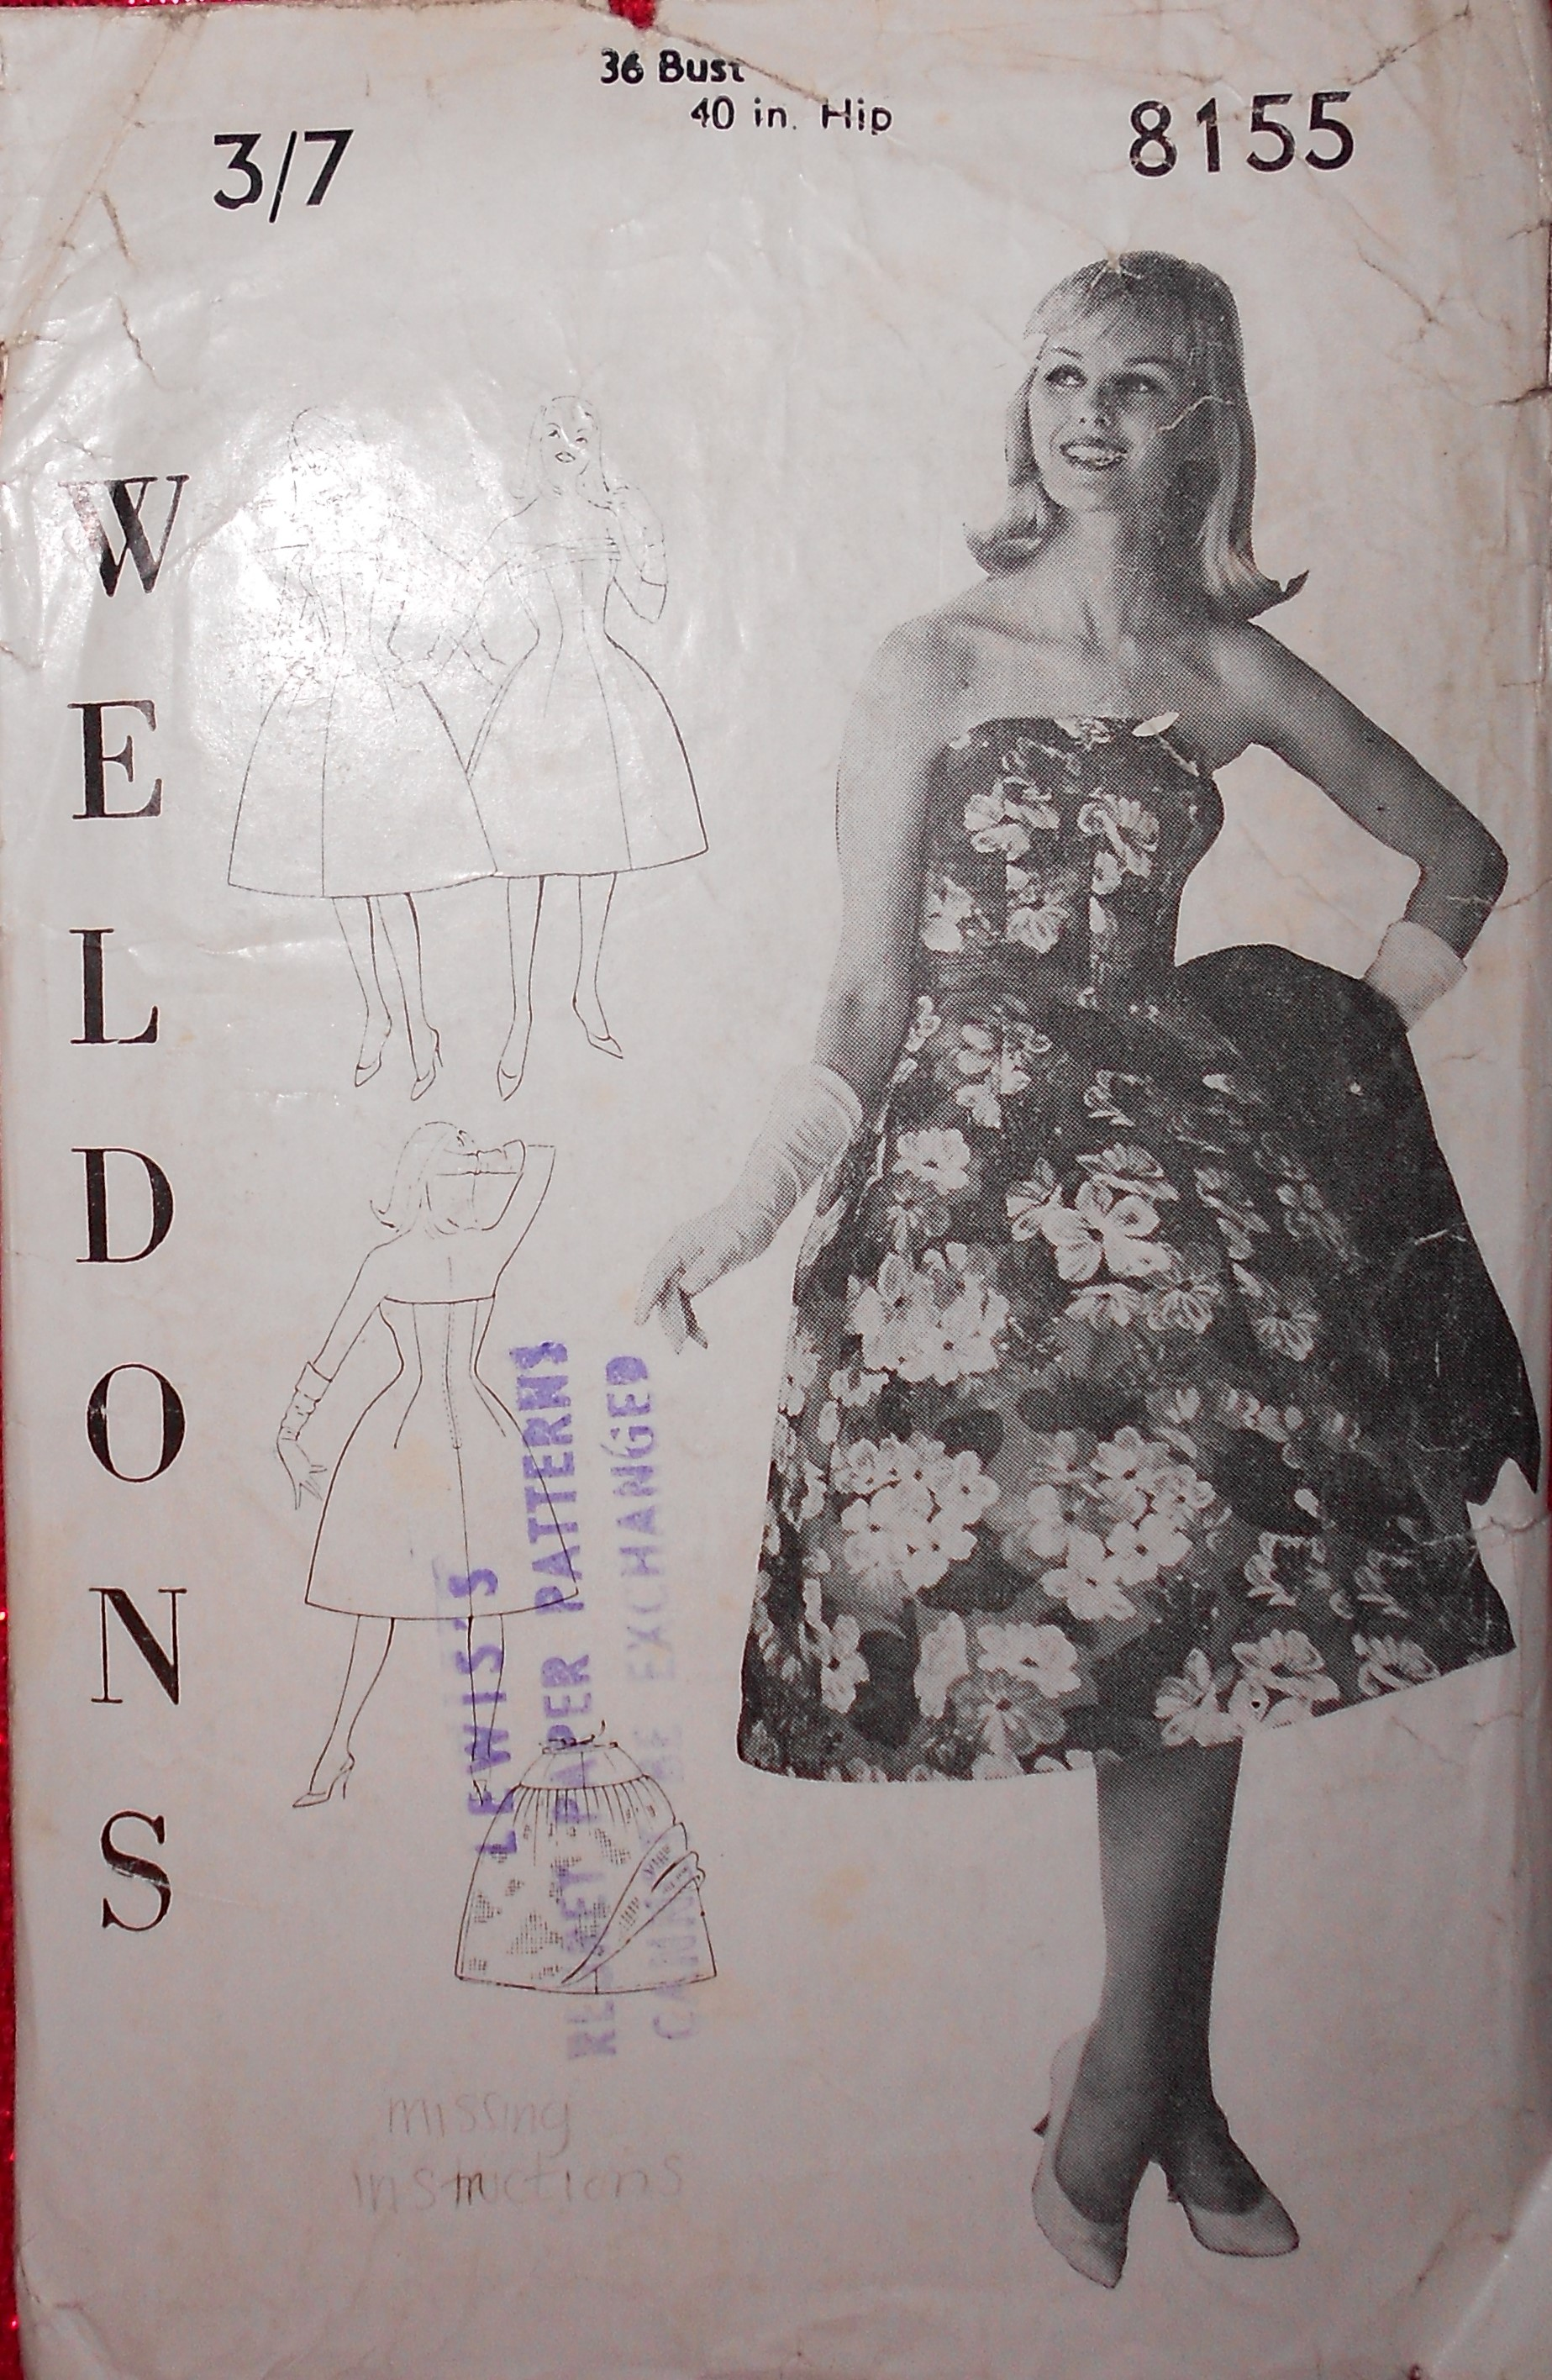 Weldons 8155